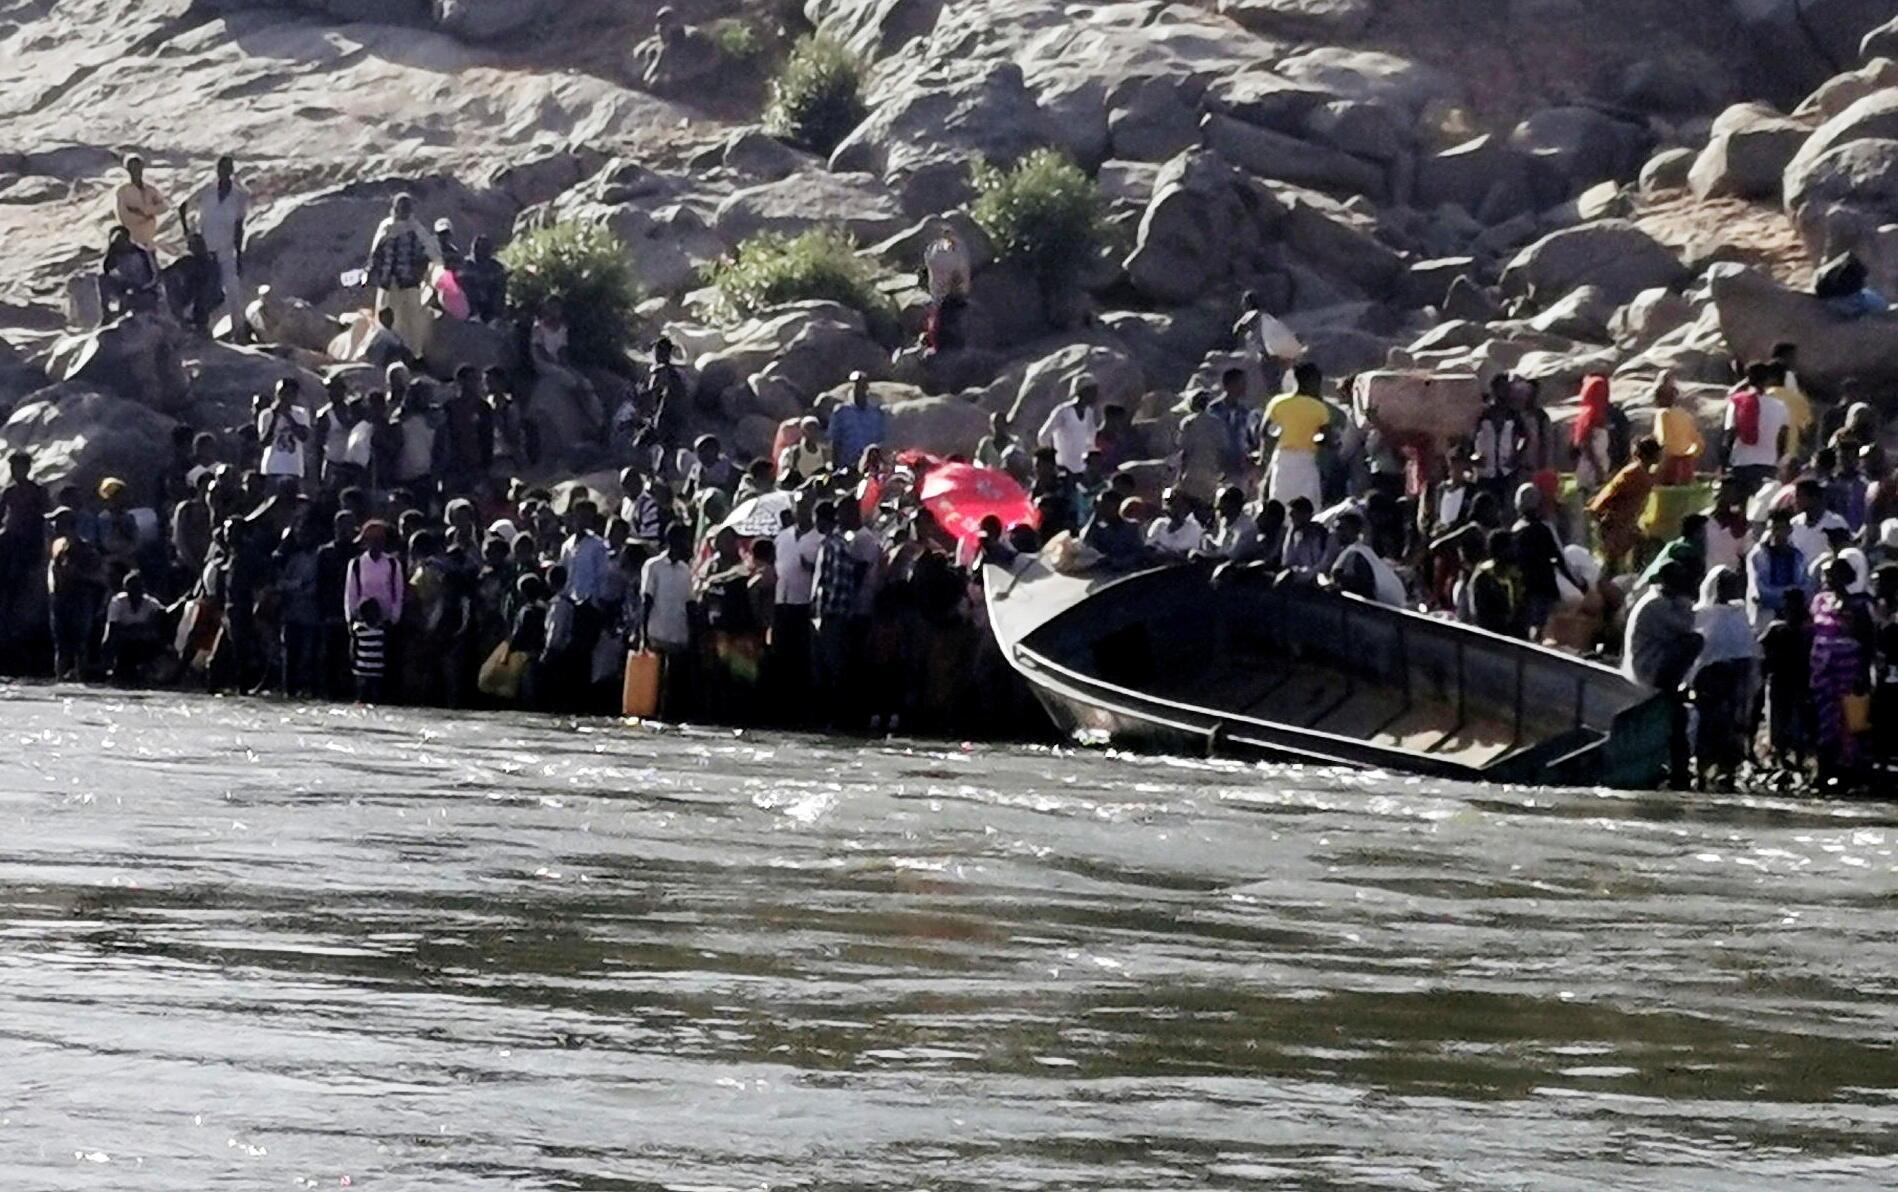 Des Éthiopiens fuyant les combats au Tigré se préparent à traverser la rivière Setit qui marque la frontière entre l'Éthiopie et le Soudan, au niveau du village d'Hamdayet, dans l'État de Kassala.